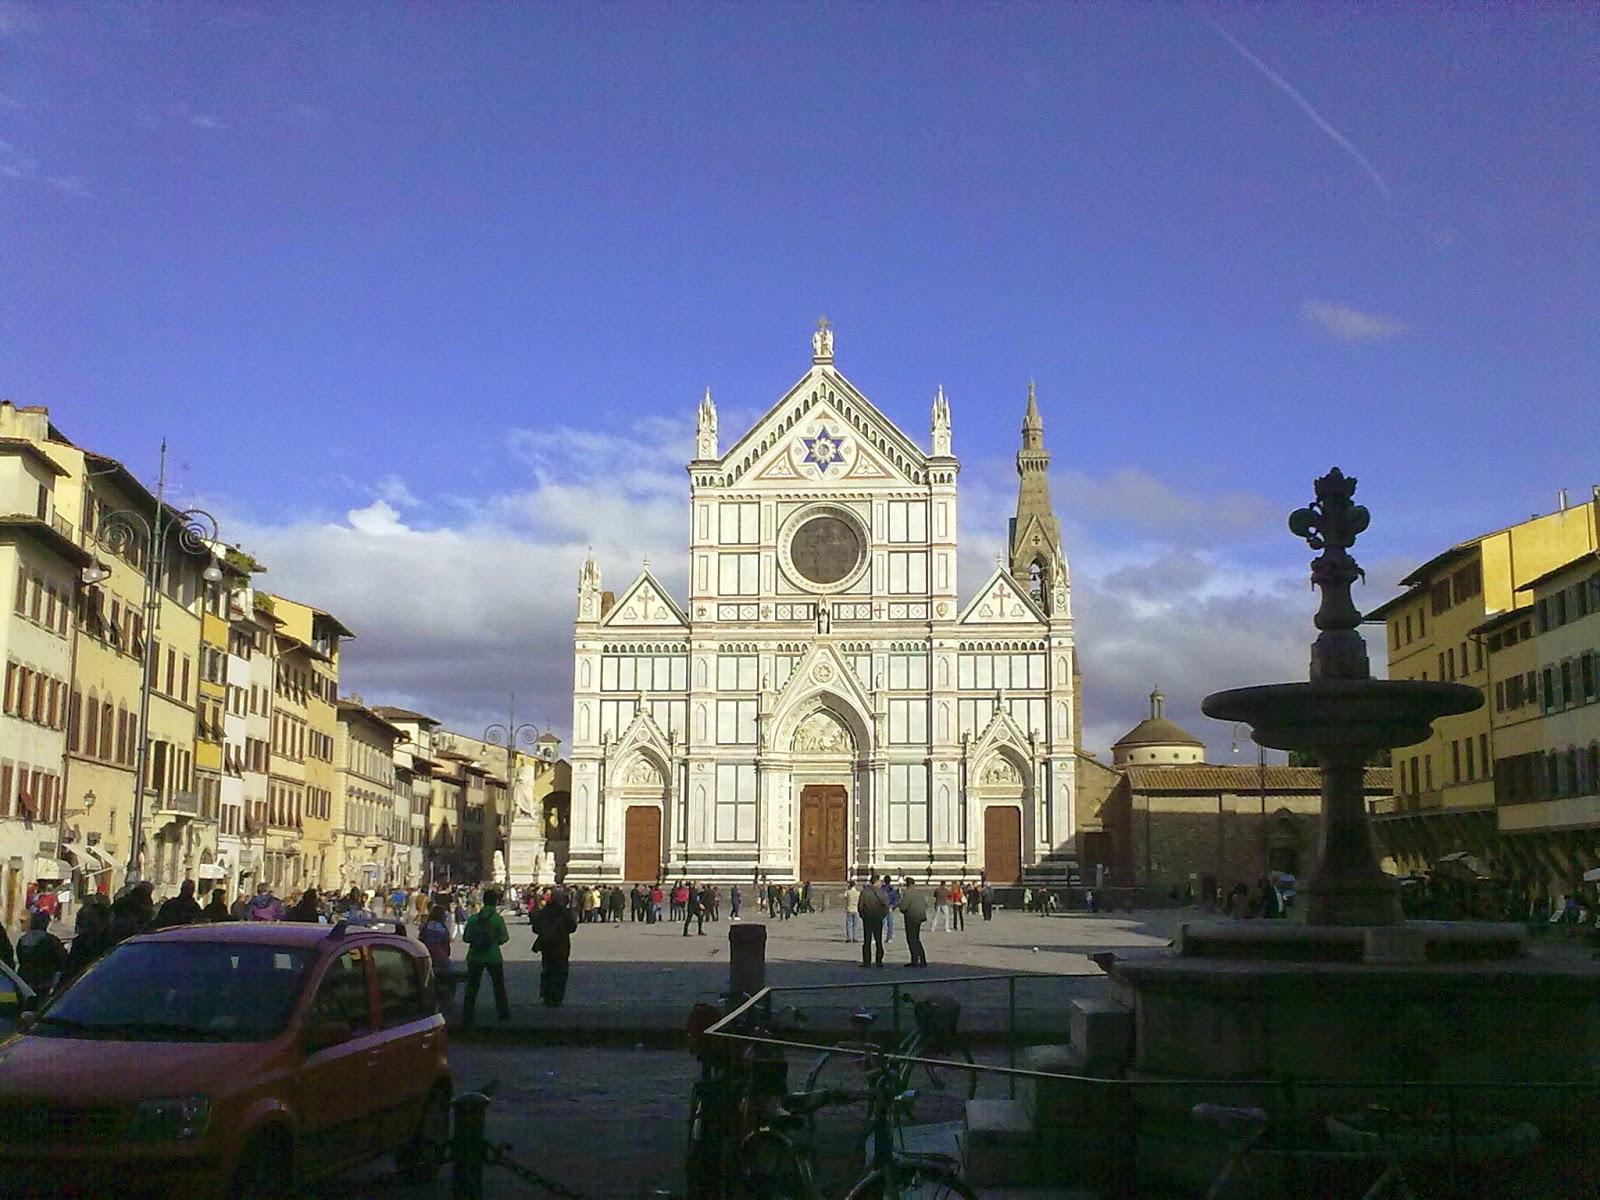 Basilica di Santa Croce - Florença - Itália